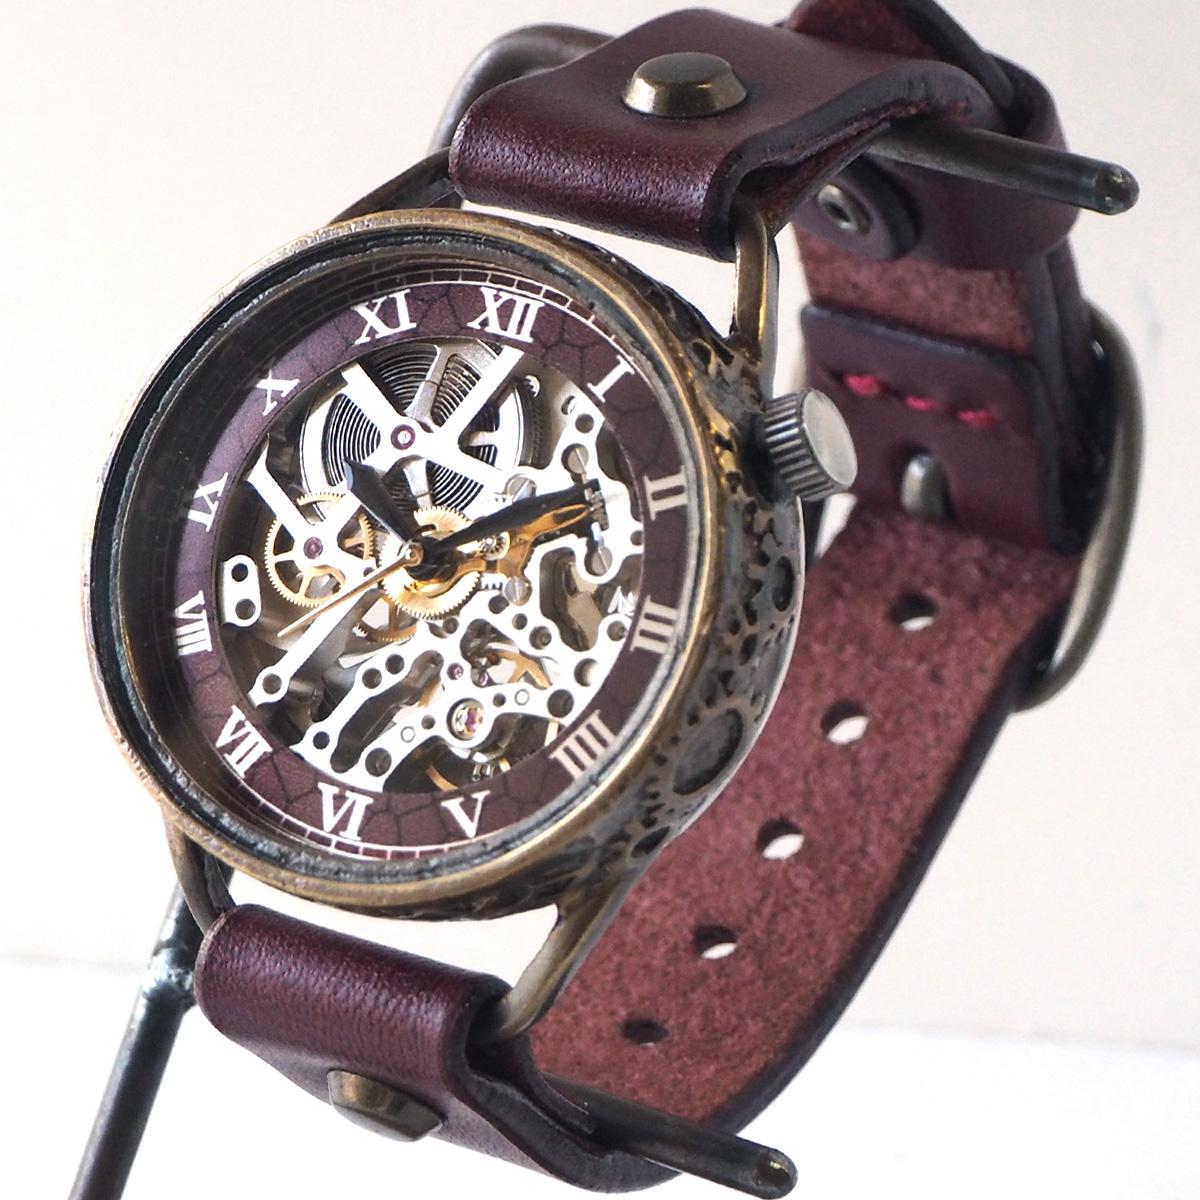 KINO(キノ) 手作り腕時計 自動巻き 裏スケルトン メカニックシルバー ワインブラウン [K-15-MSV-WI]